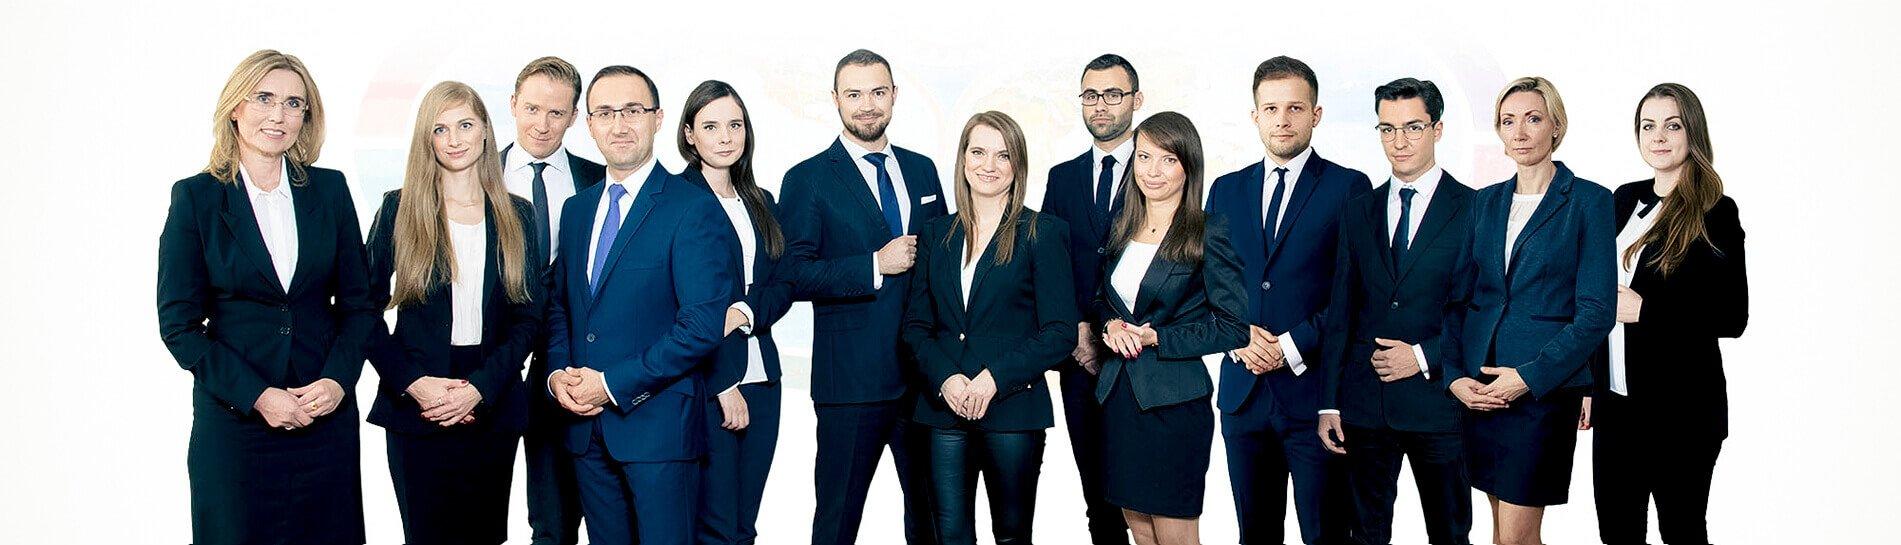 Zespół Prawników do Państwa Dyspozycji Międzynarodowe Doradztwo Prawne w Biznesie